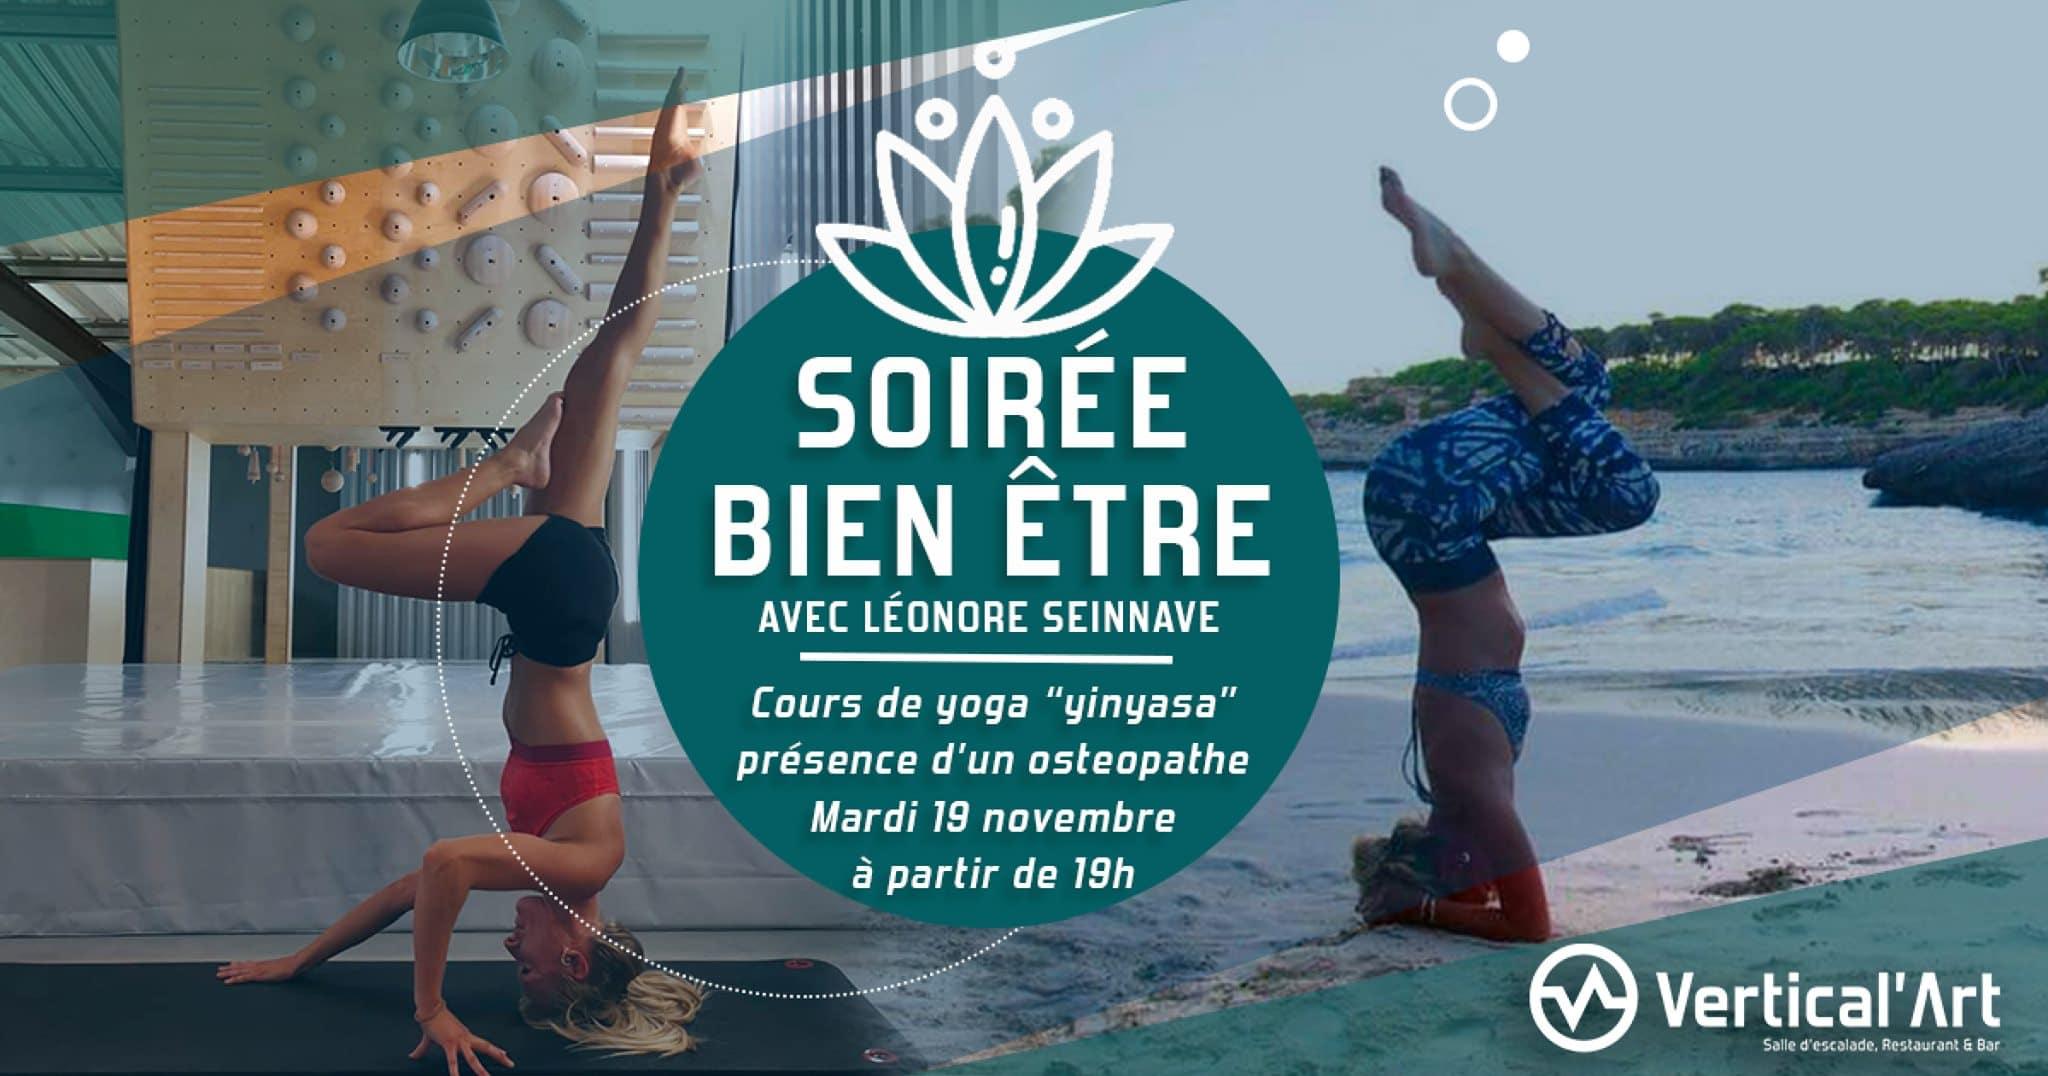 cours de yoga - Vertical'Art - Lille - salle d'escalade de bloc - restaurant et bar